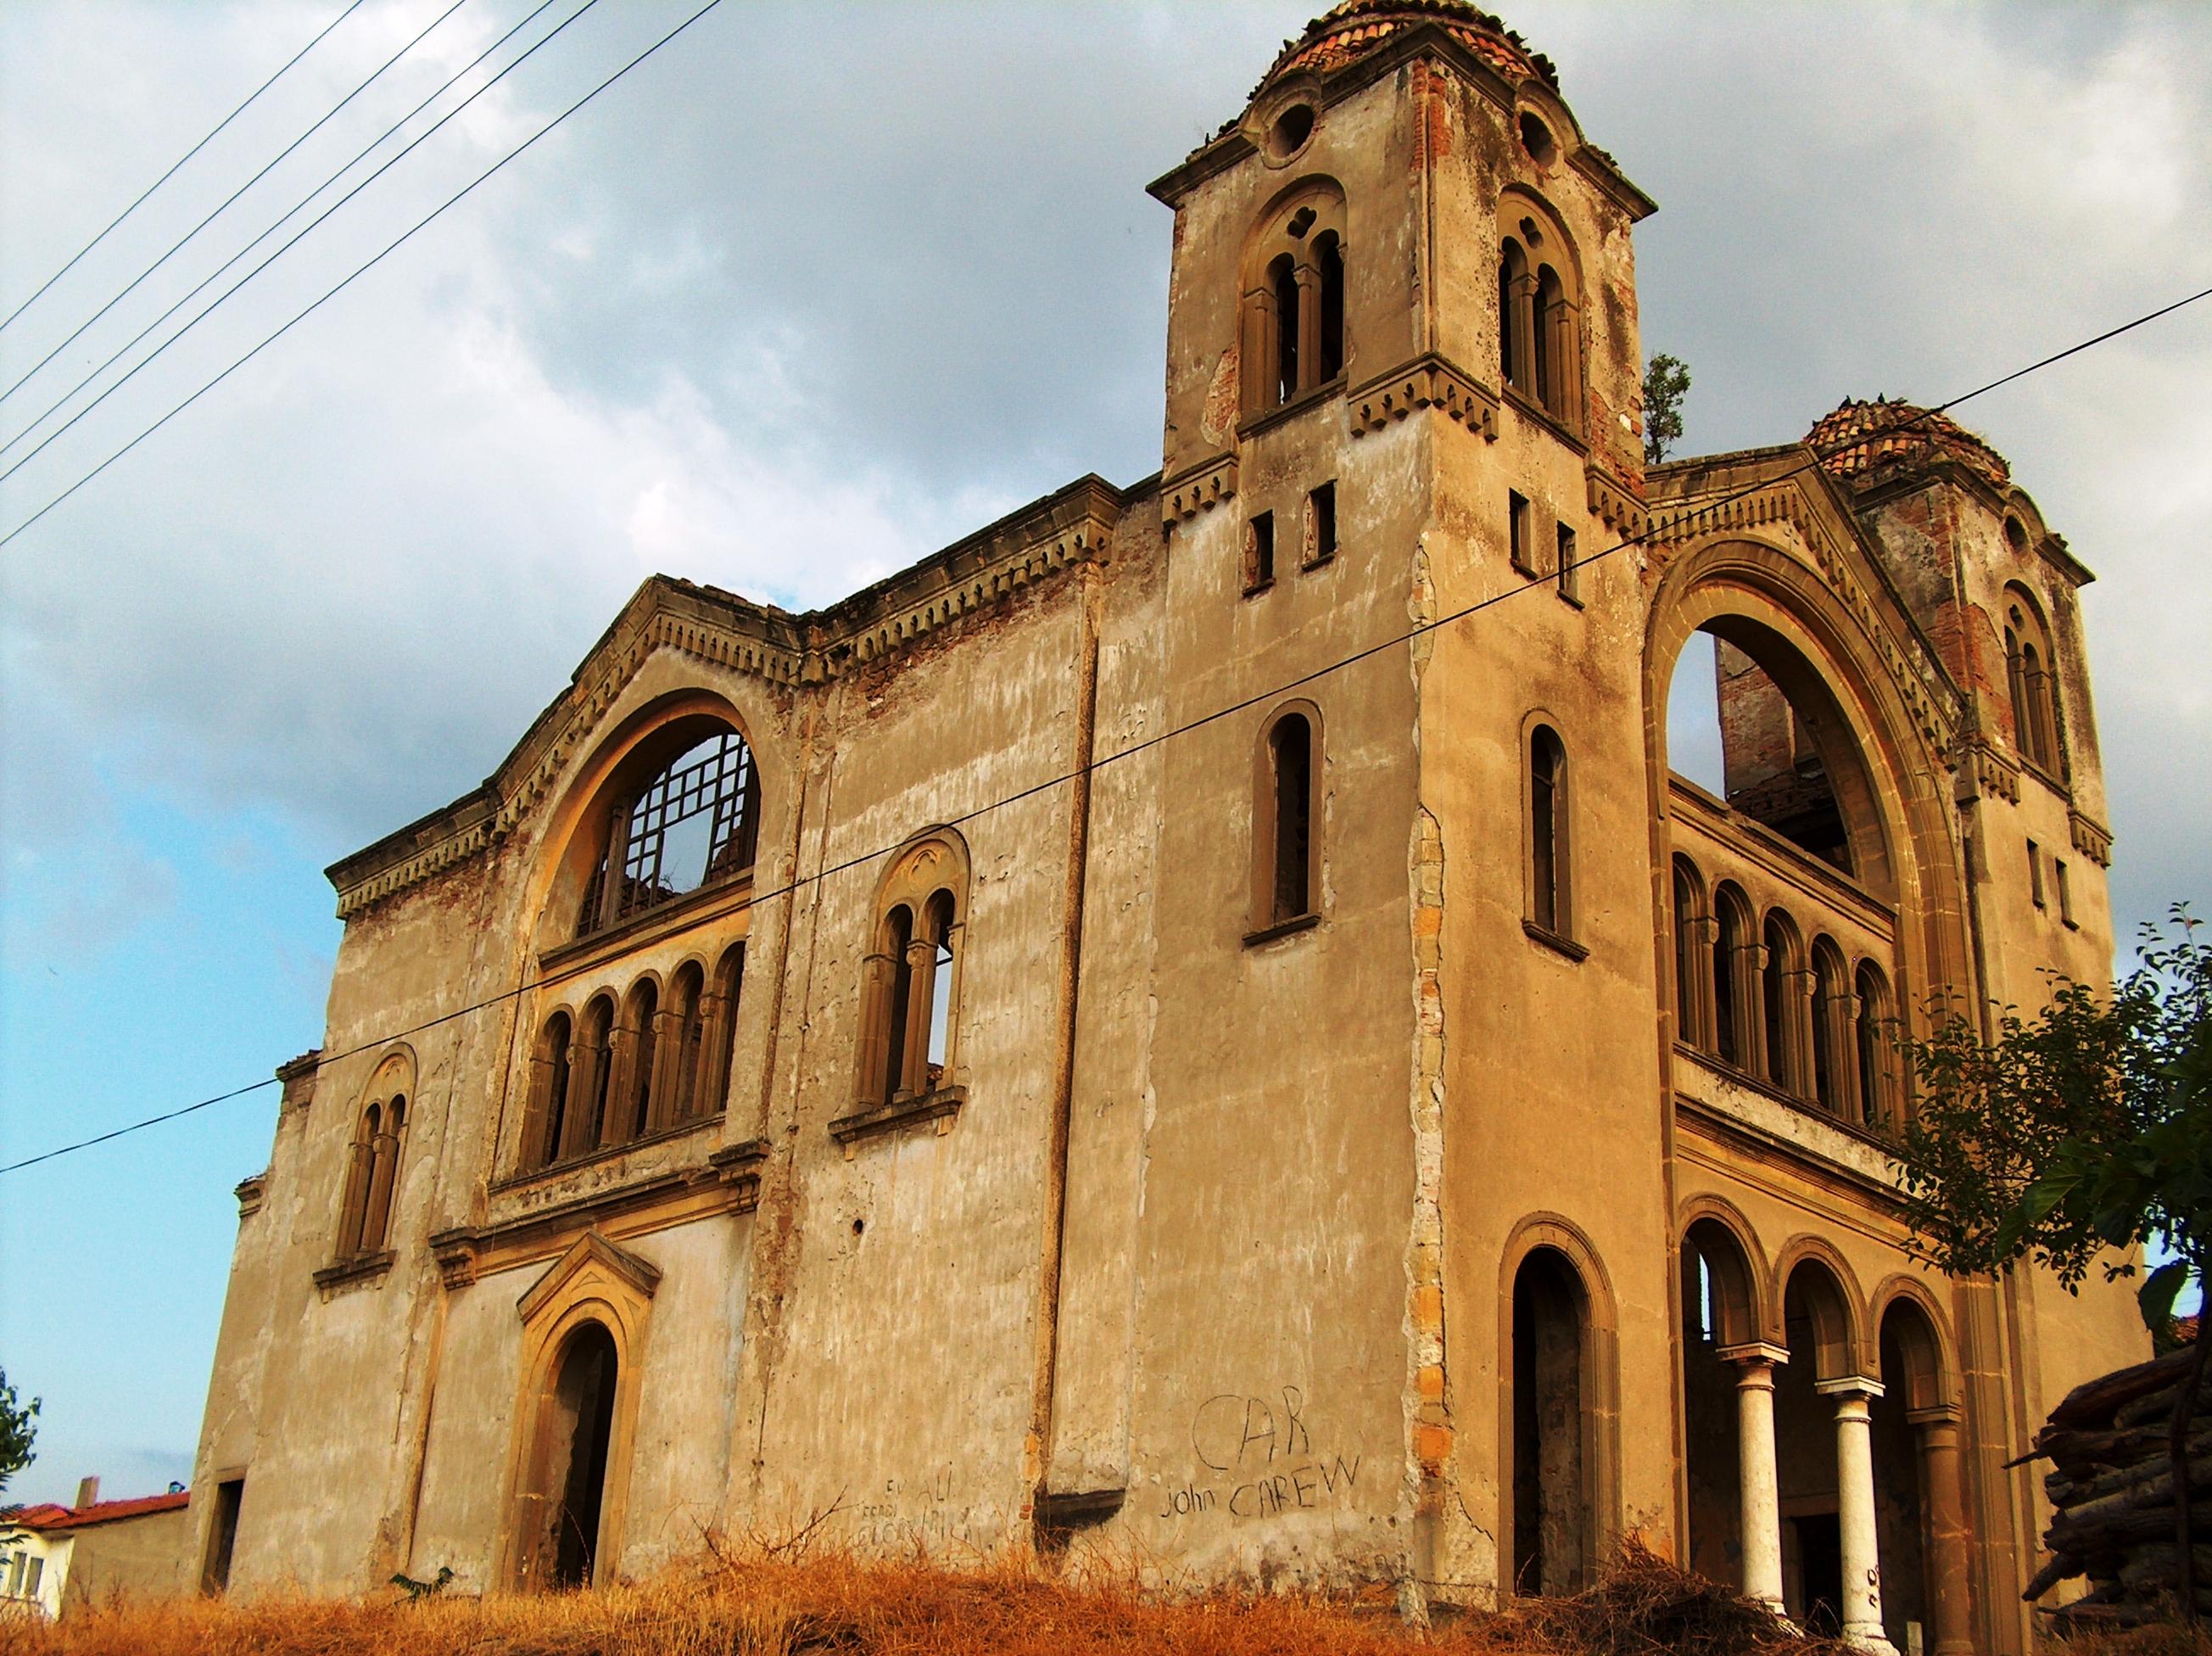 Fotoğraf 64. Hagios Georgios (Aya Yorgi) Rum Kilisesi kuzey cephesi.